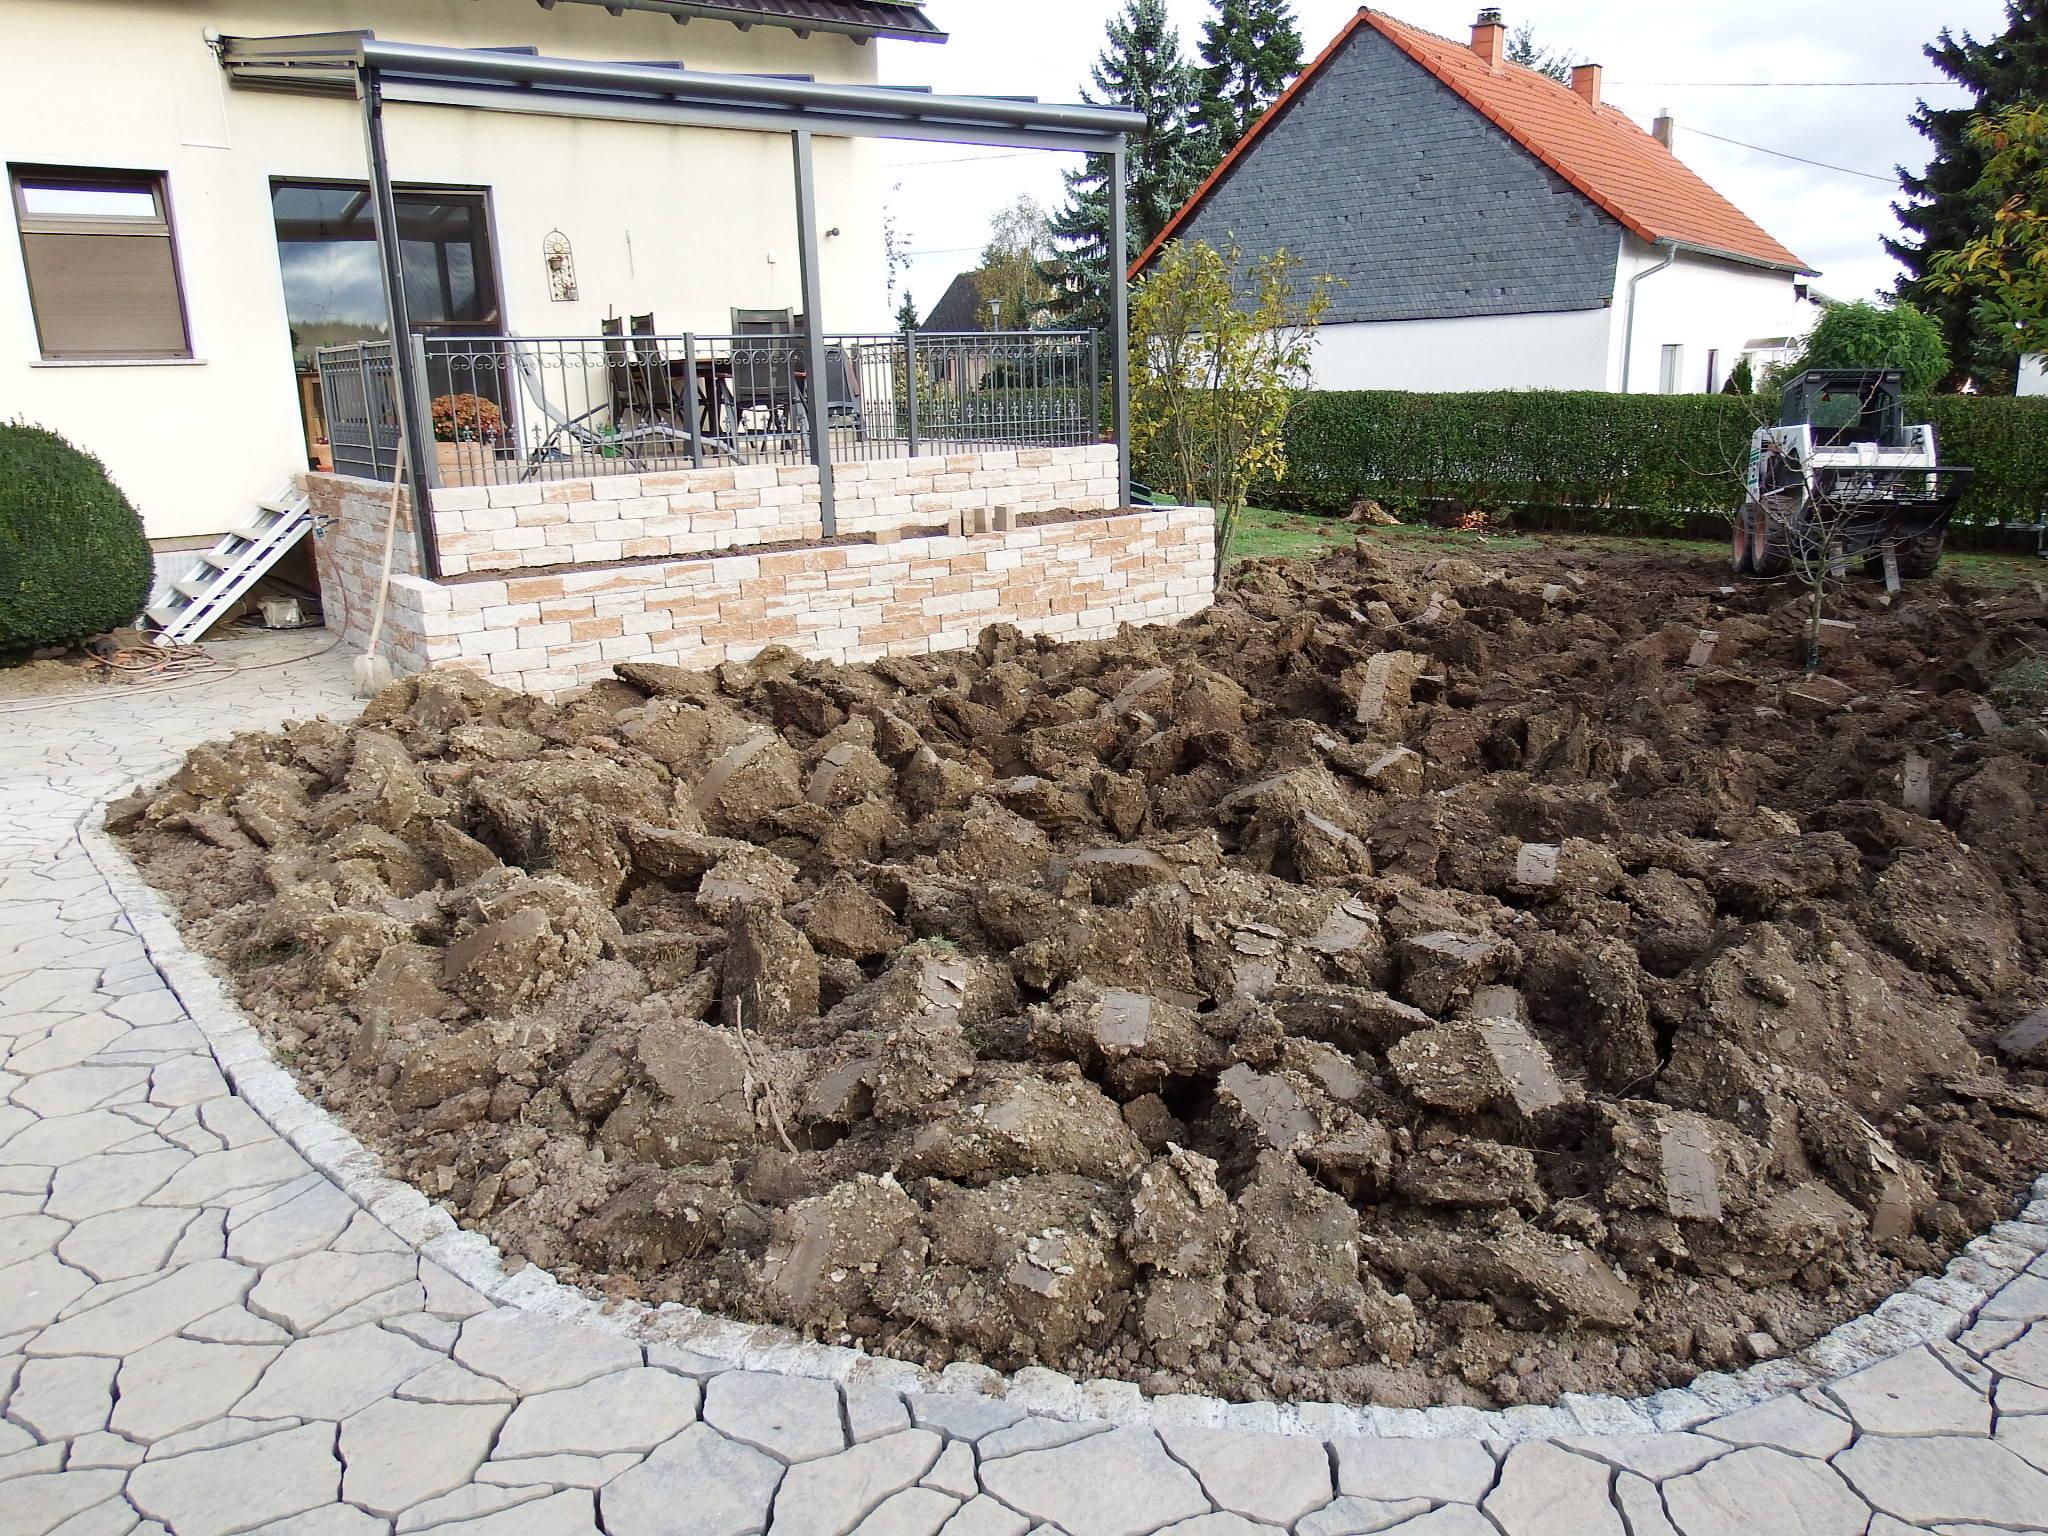 Umgespateter Garten - Gärtnerei Bock - Galabau - Gartenneuanlage - Erdarbeiten - Simmern - Idar-Oberstein Bad Sobernheim - Kirn - Bad Kreuznach